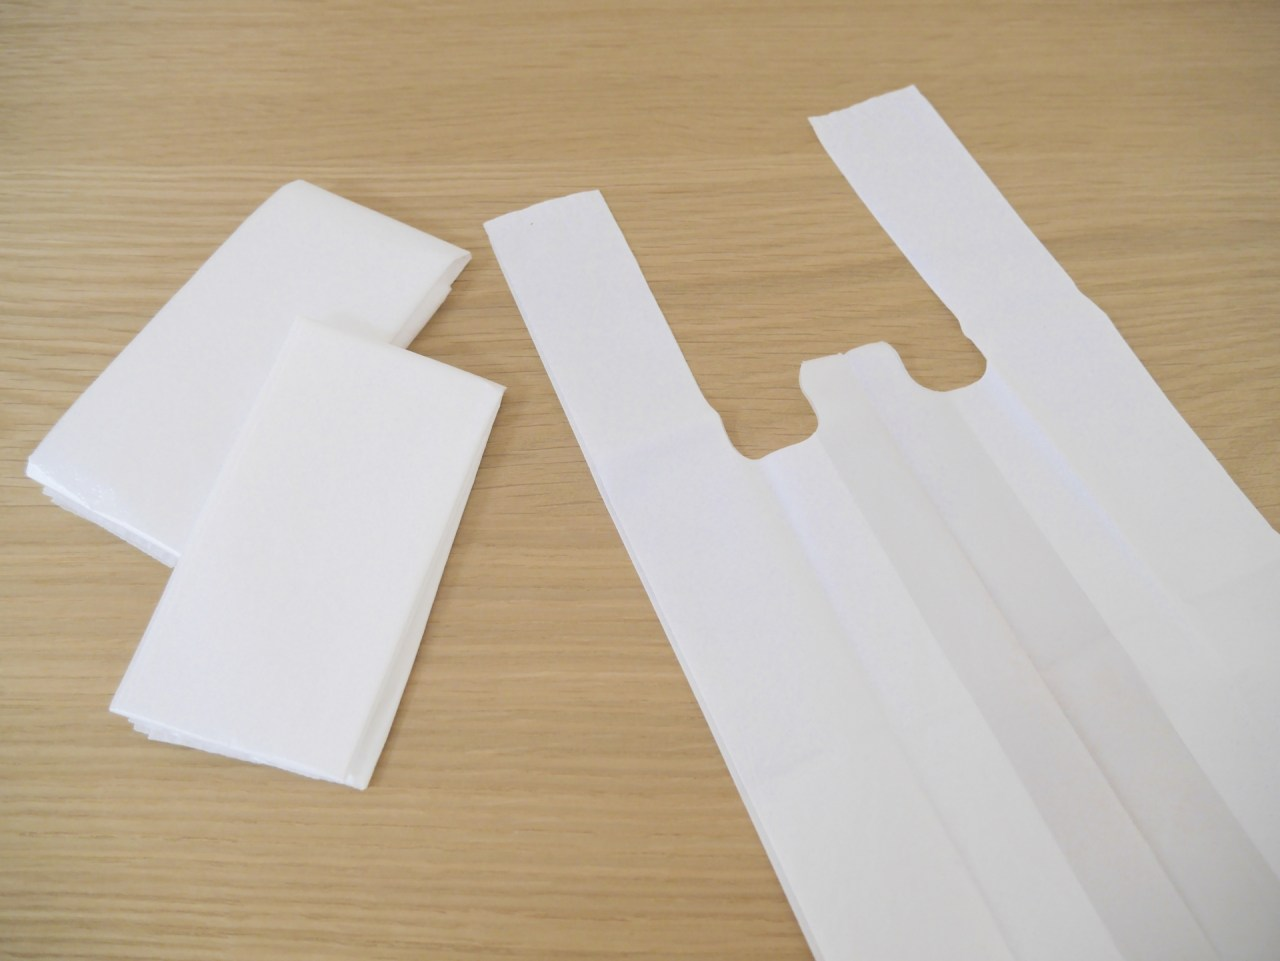 スーパーのビニール袋をためておきたい!レジ袋の収納方法やアイデア5選